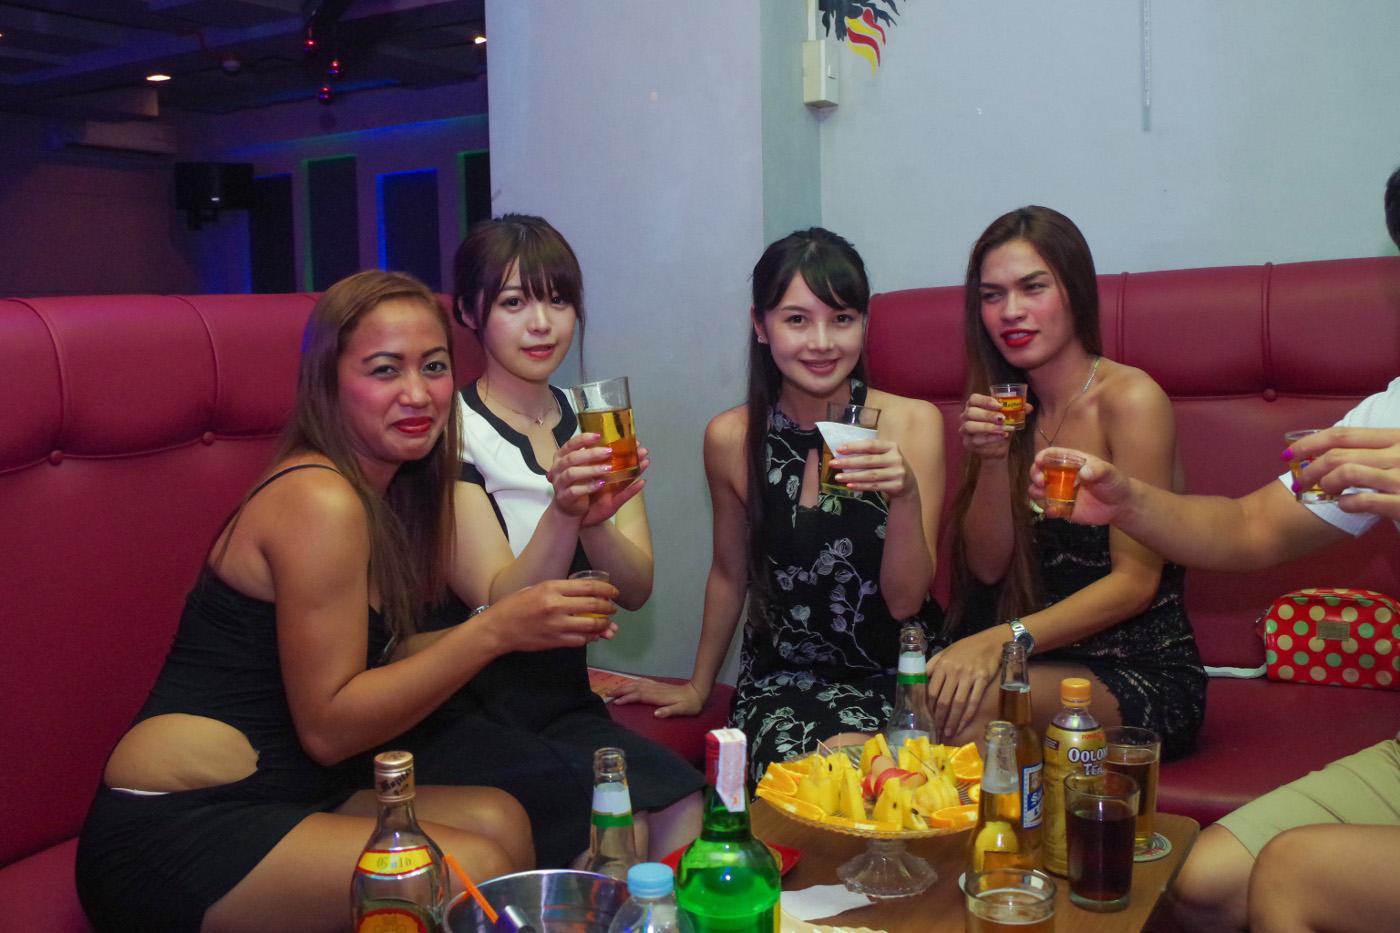 KTVでゲイと飲んでいる女性2人